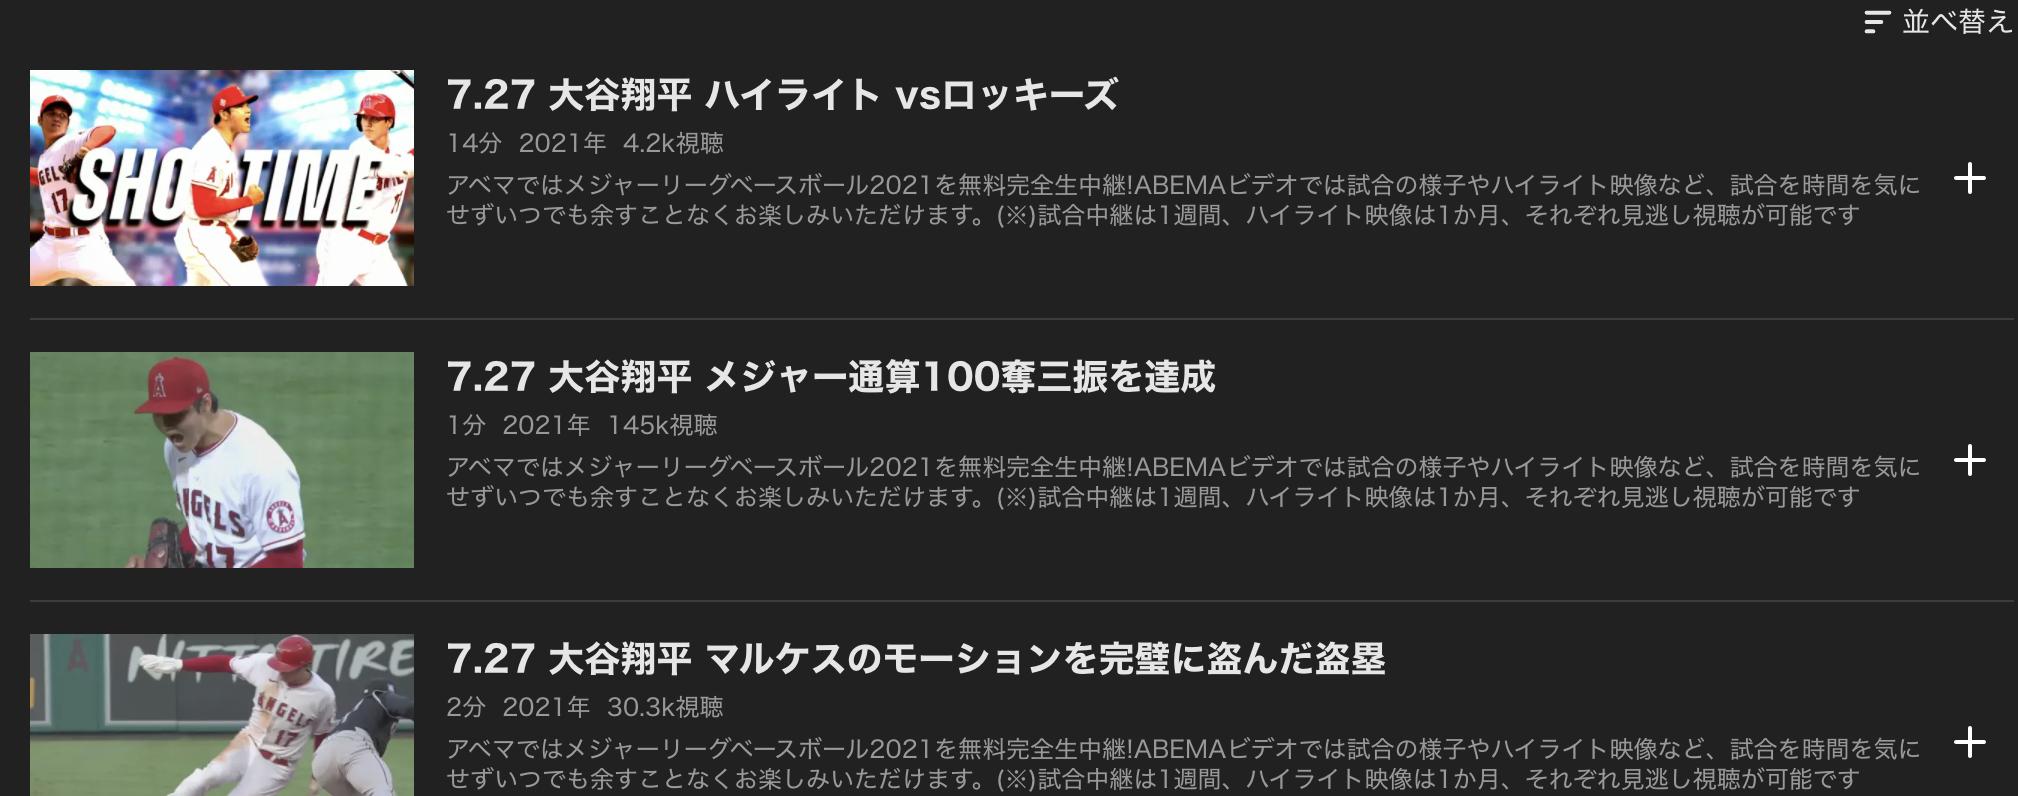 スクリーンショット 2021 07 27 22.08.43 - 【無料視聴可】MLBエンゼルス大谷翔平の試合を見たいならAbemaがおすすめの理由【NHK・J SPORTSと比較してもコスパ最強】